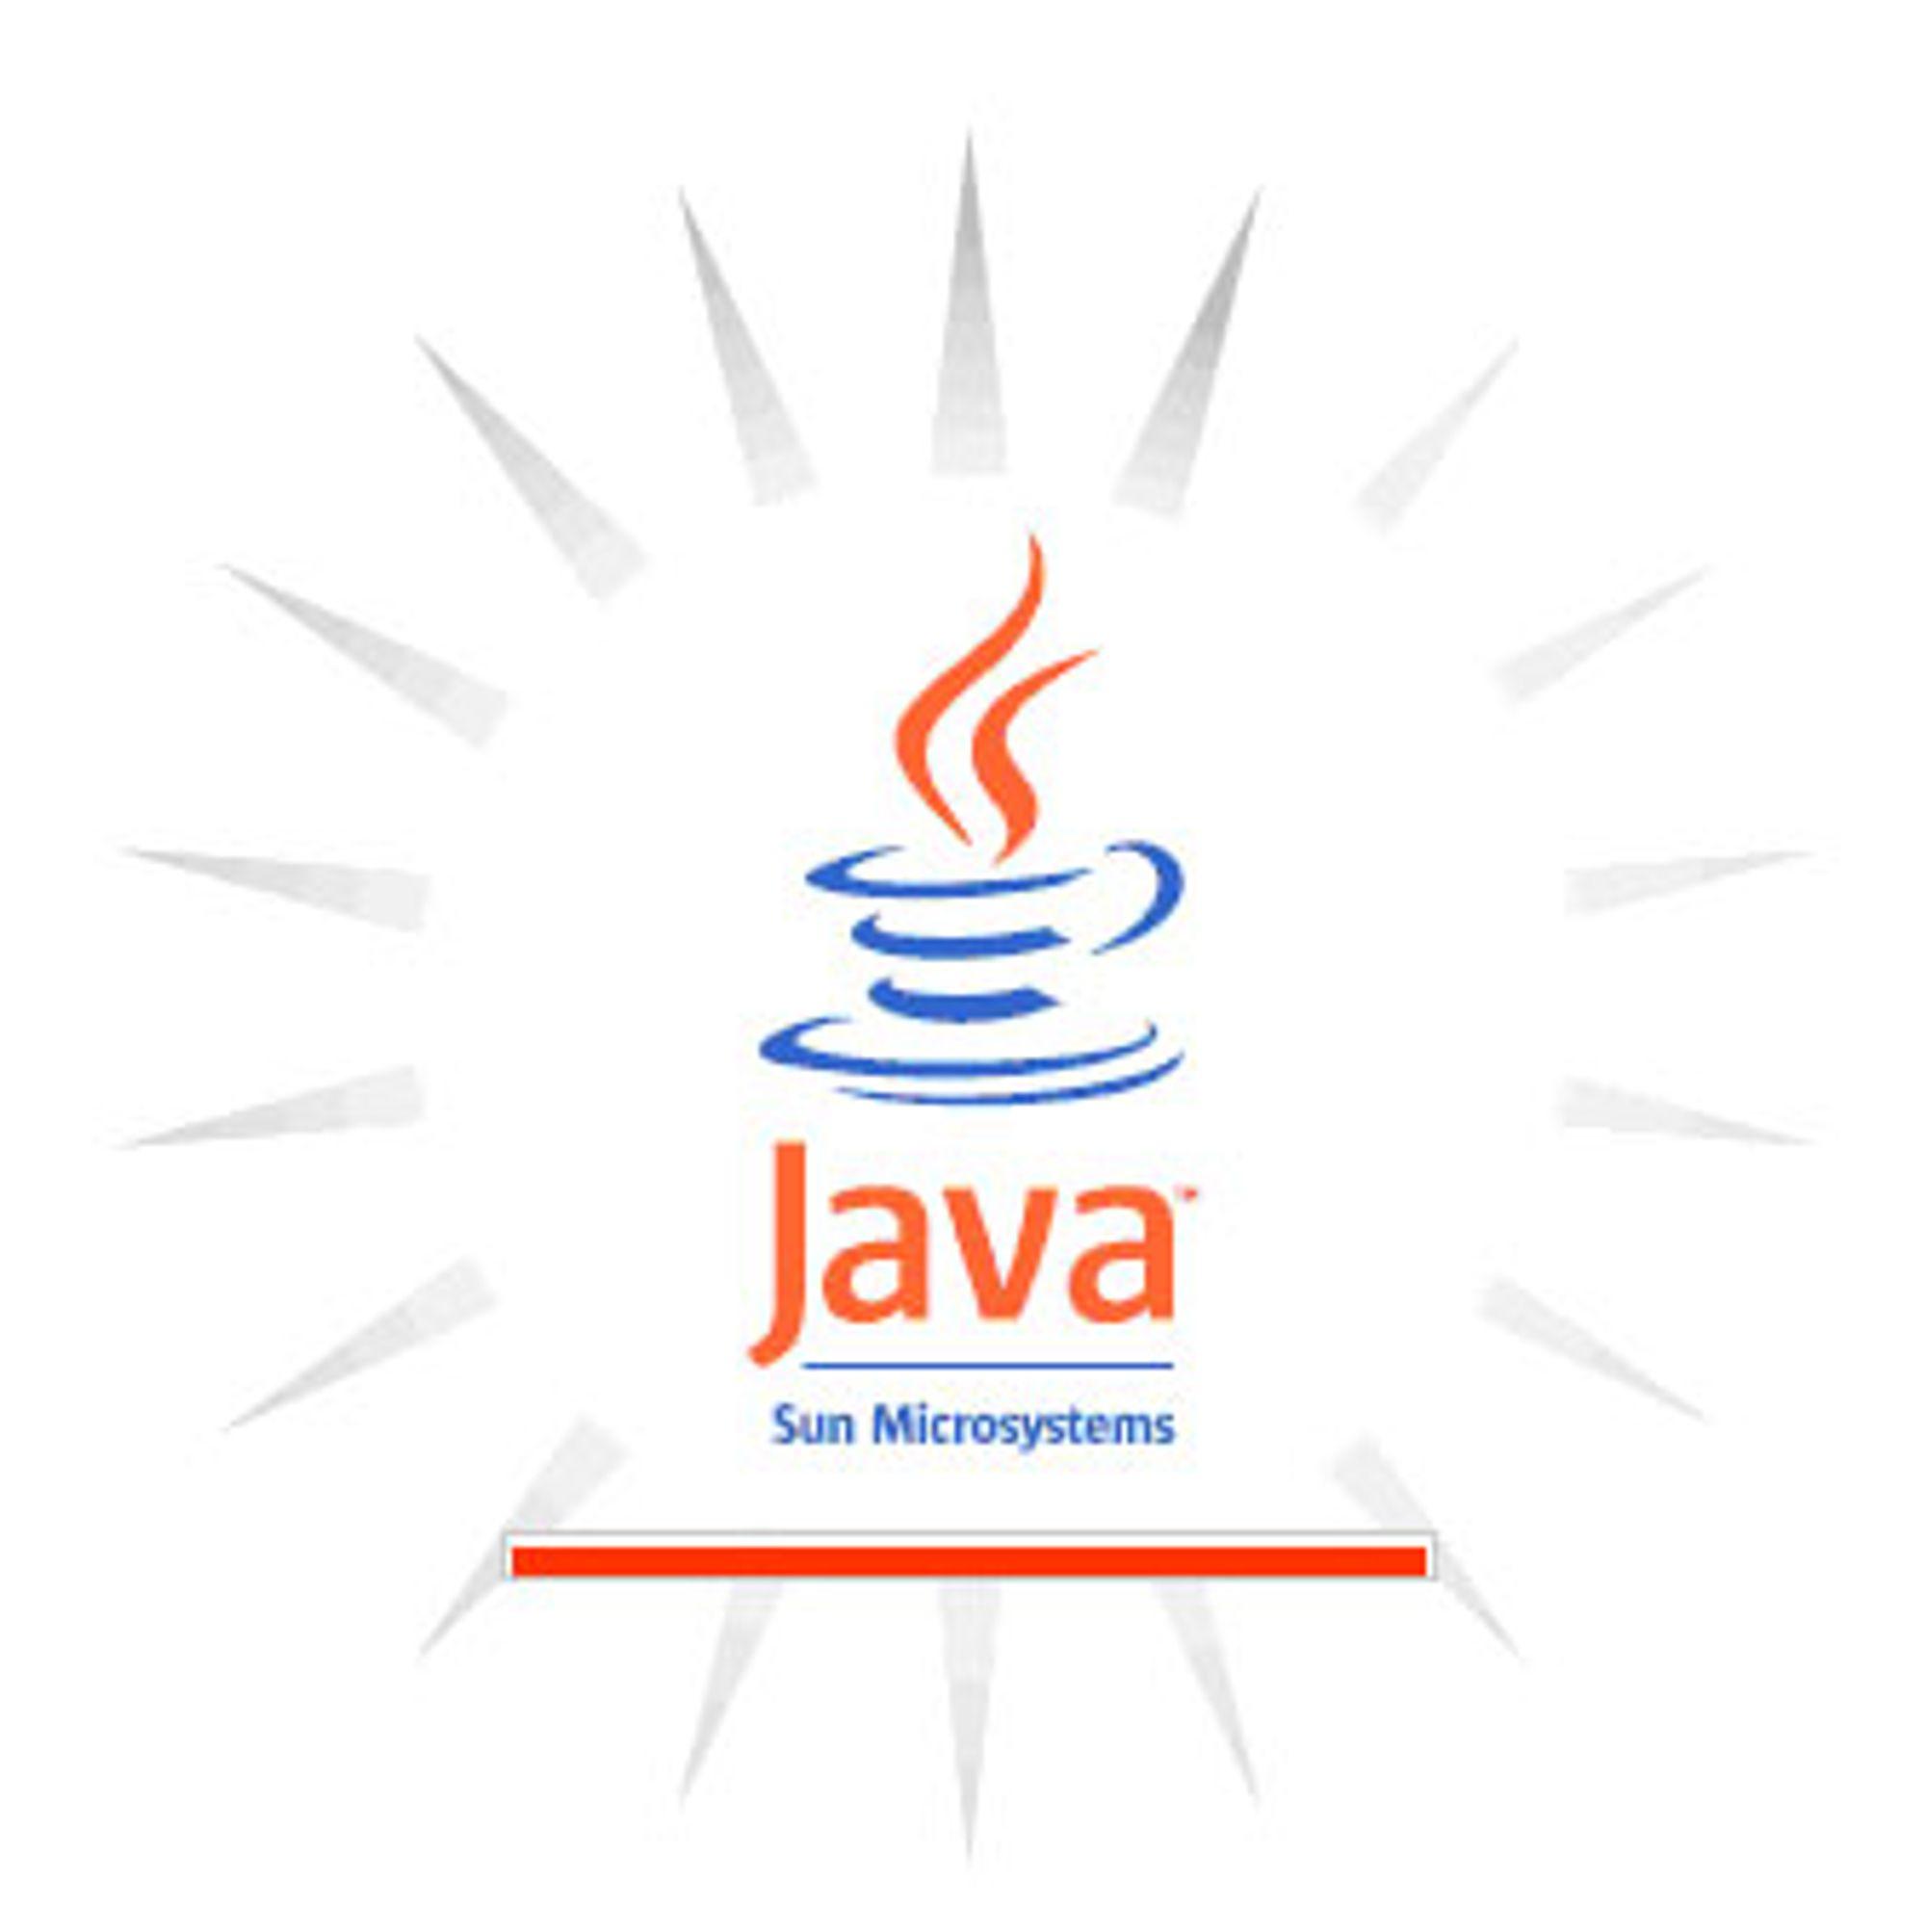 Nå kan du bruke Java i en 64-bit utgave av eksempelvis Firefox.